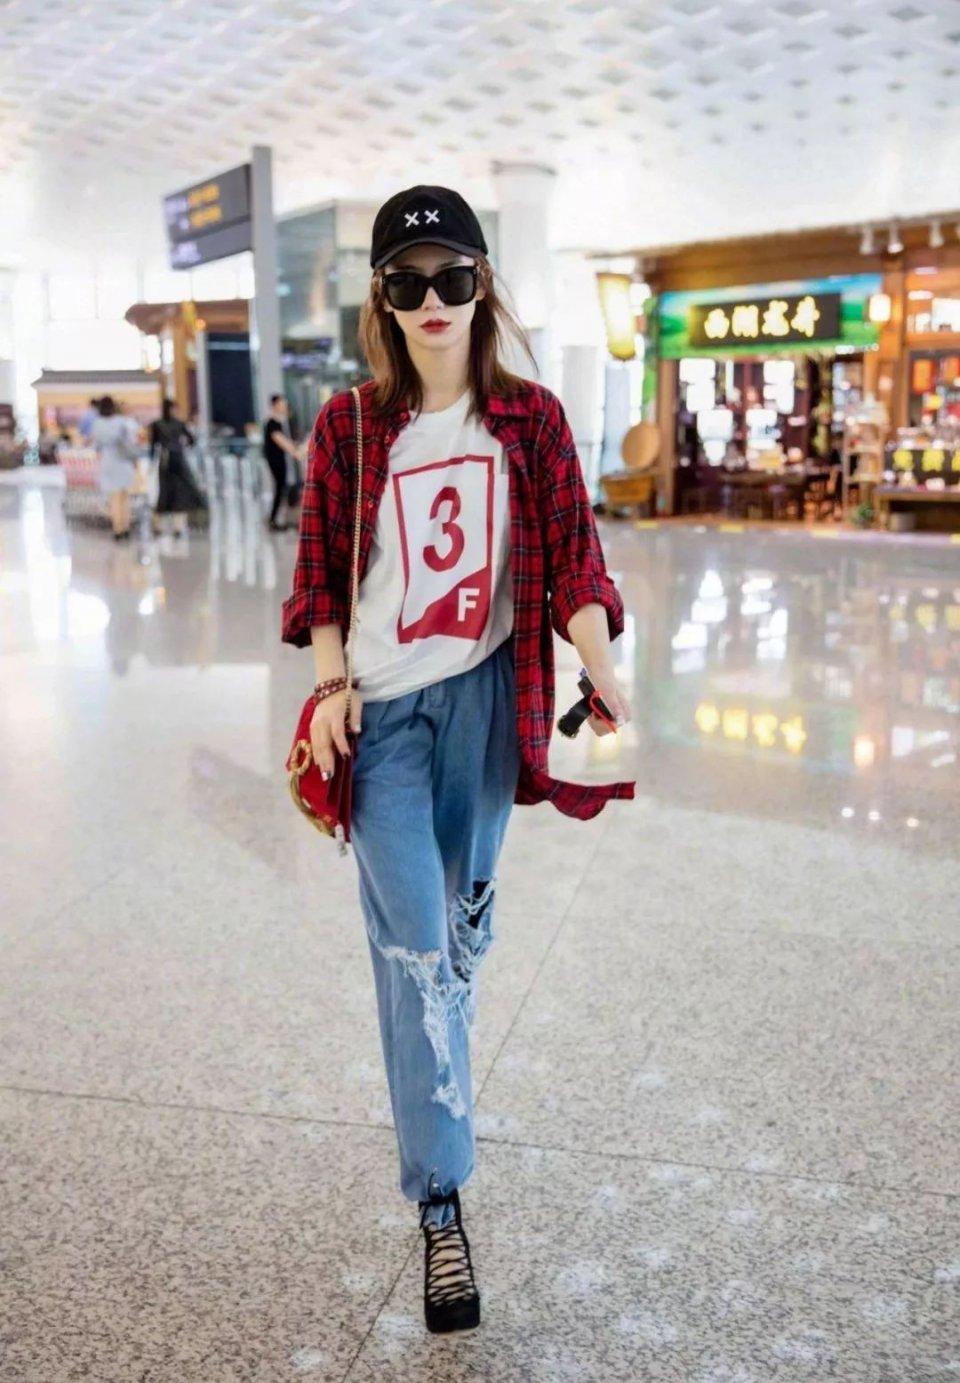 戚薇大爱中国红!年味性感配皮裤的红色穿搭街丝袜视频下载拍豹纹图片